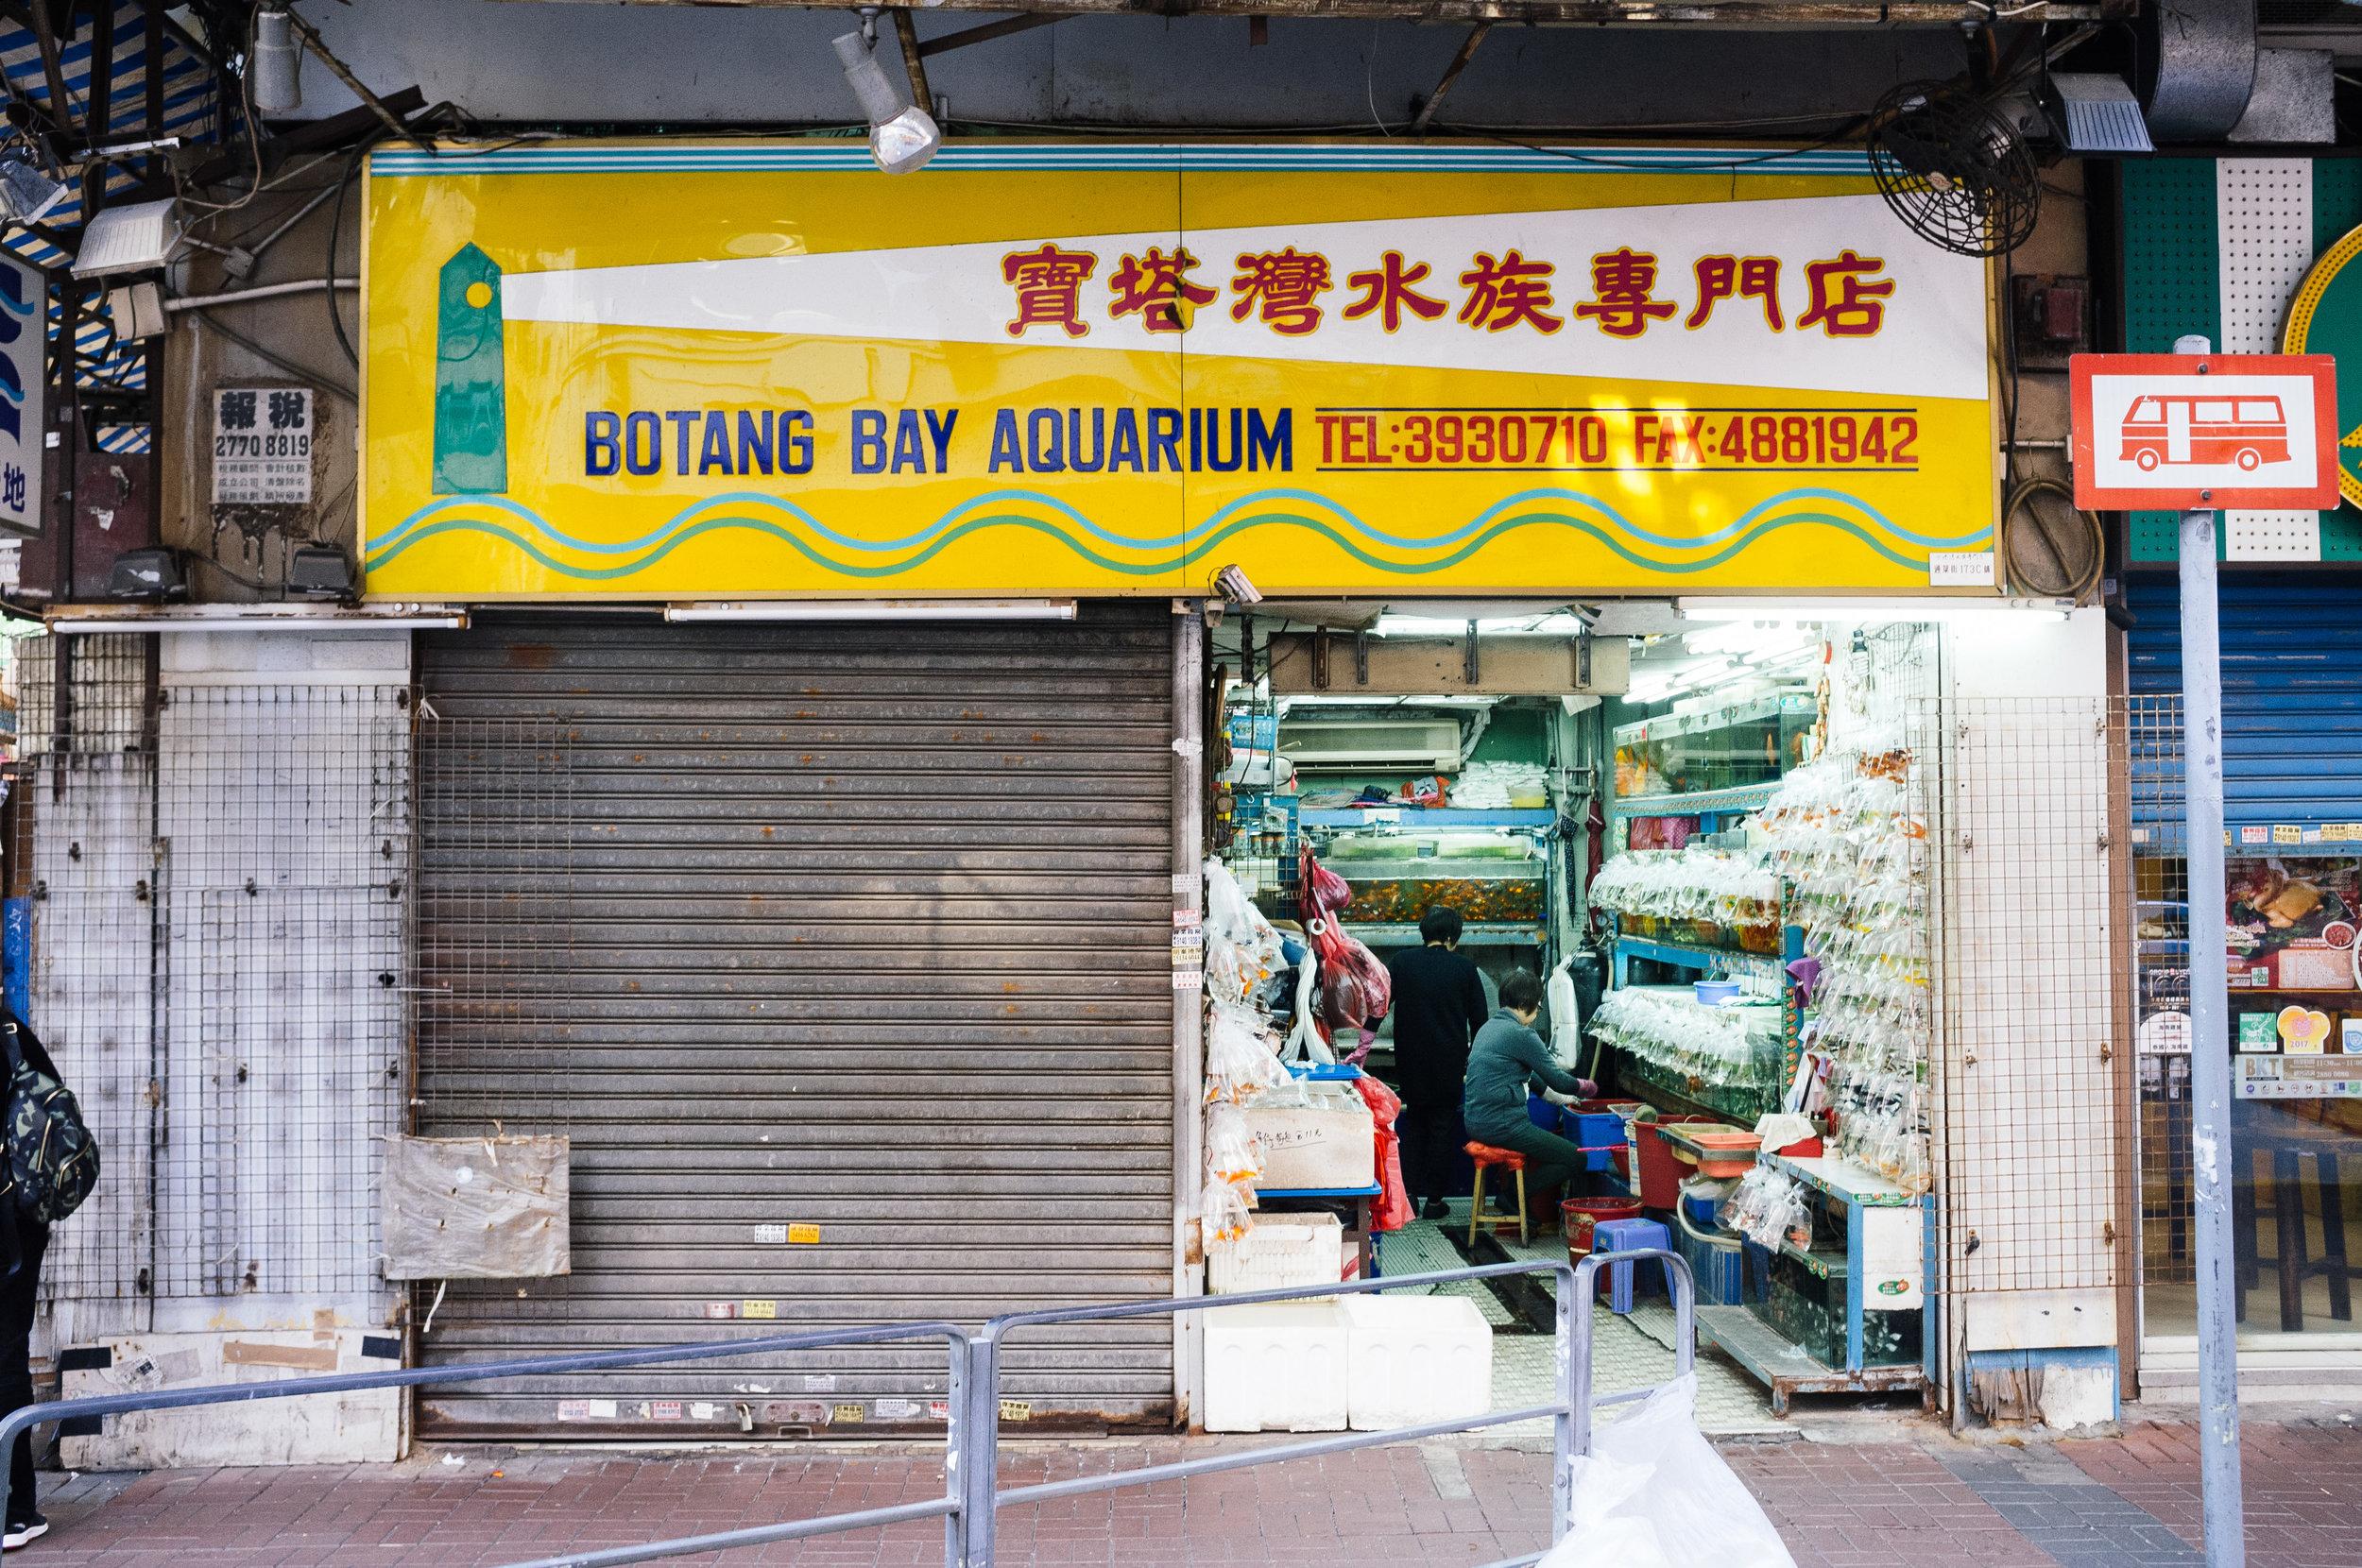 Mong Kok Aquarium.jpg